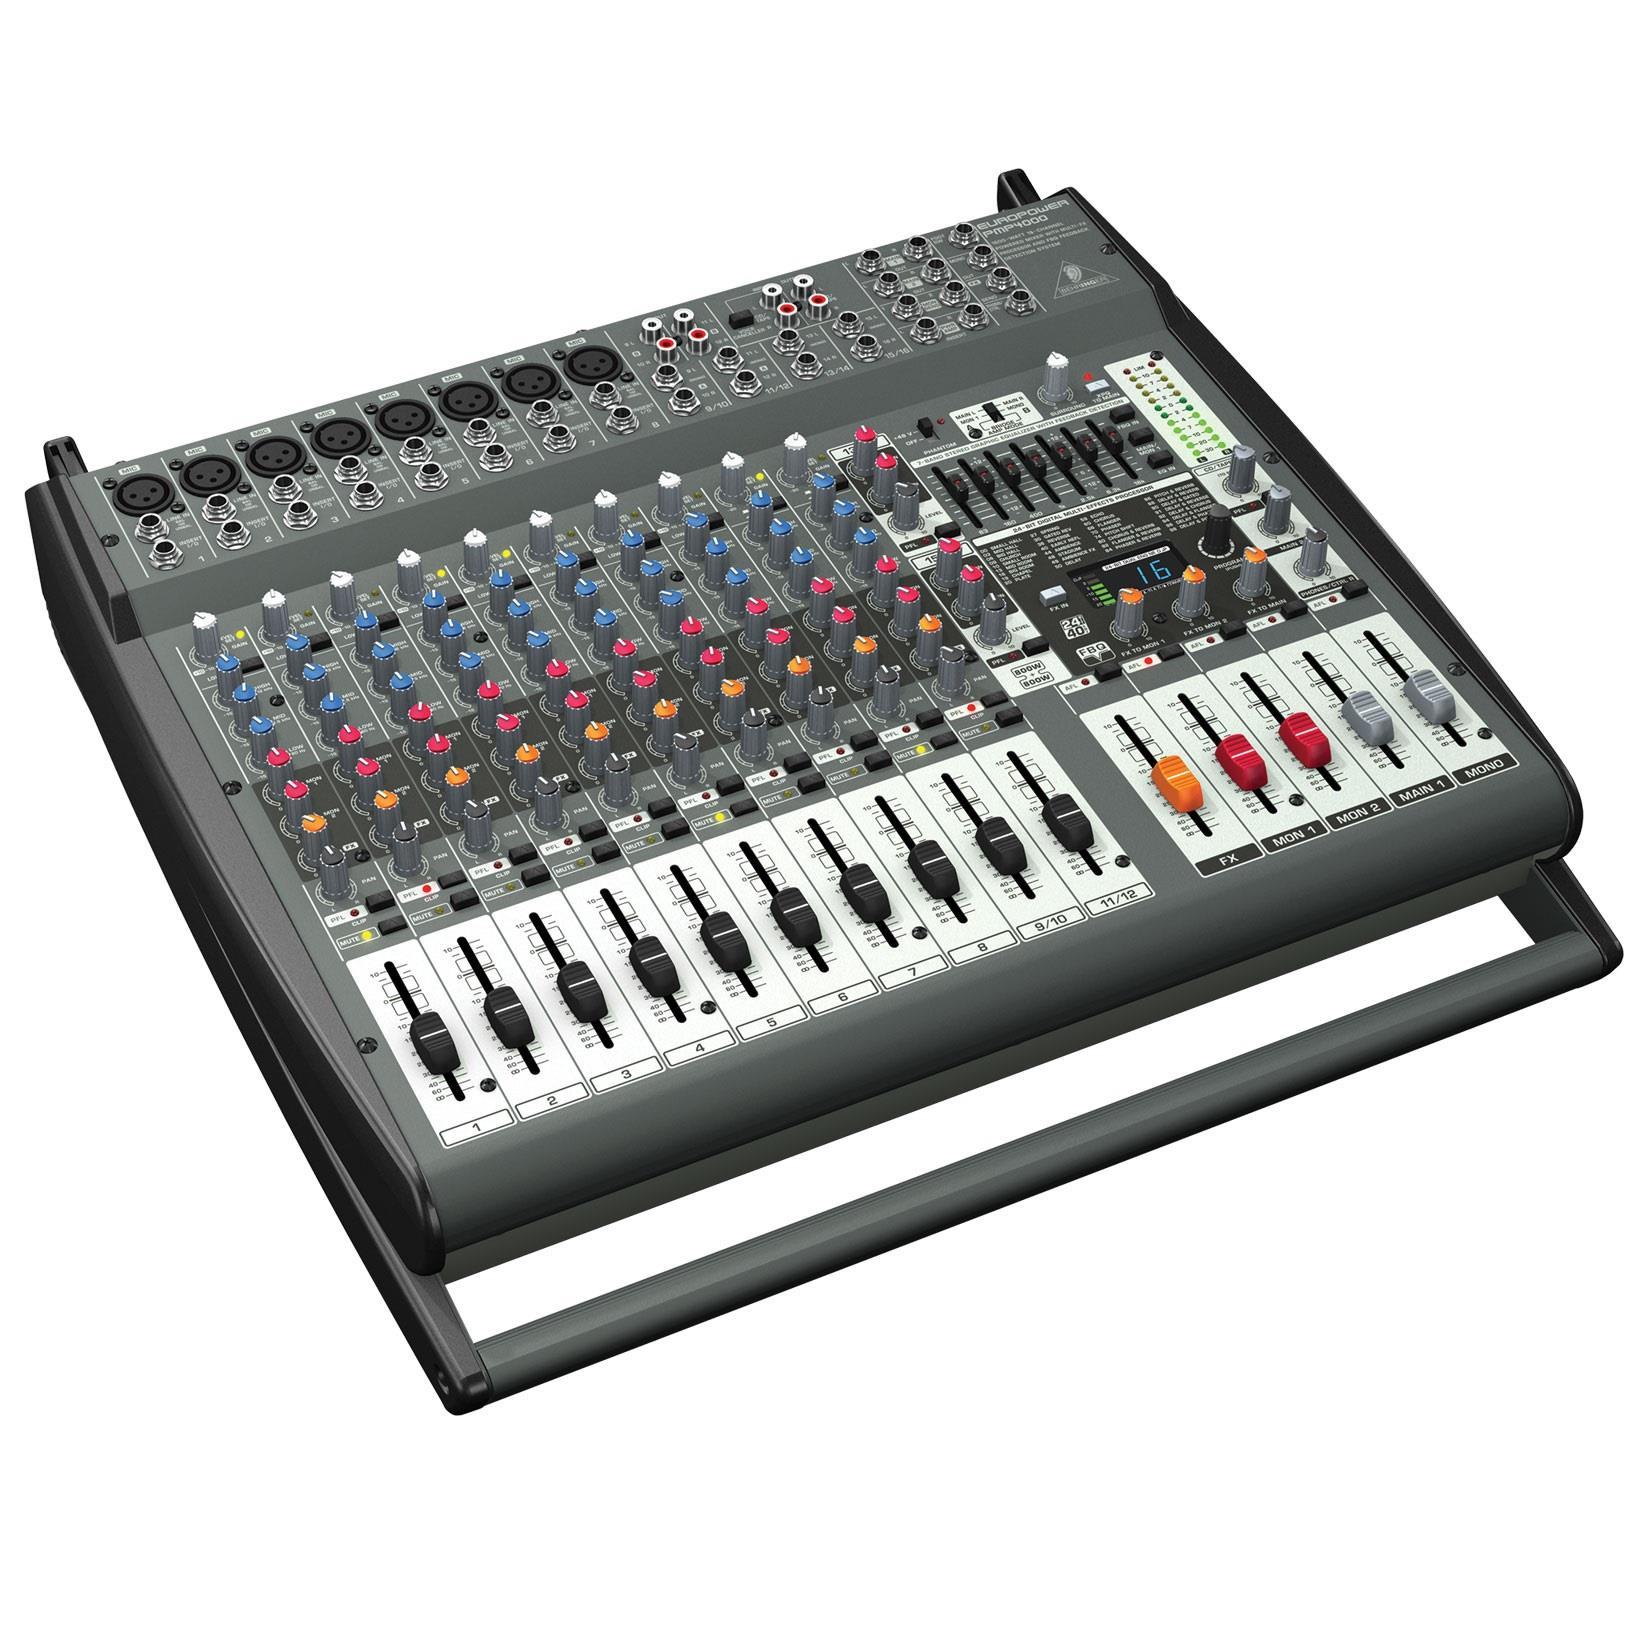 Consola Yamaha Emxsc Manual